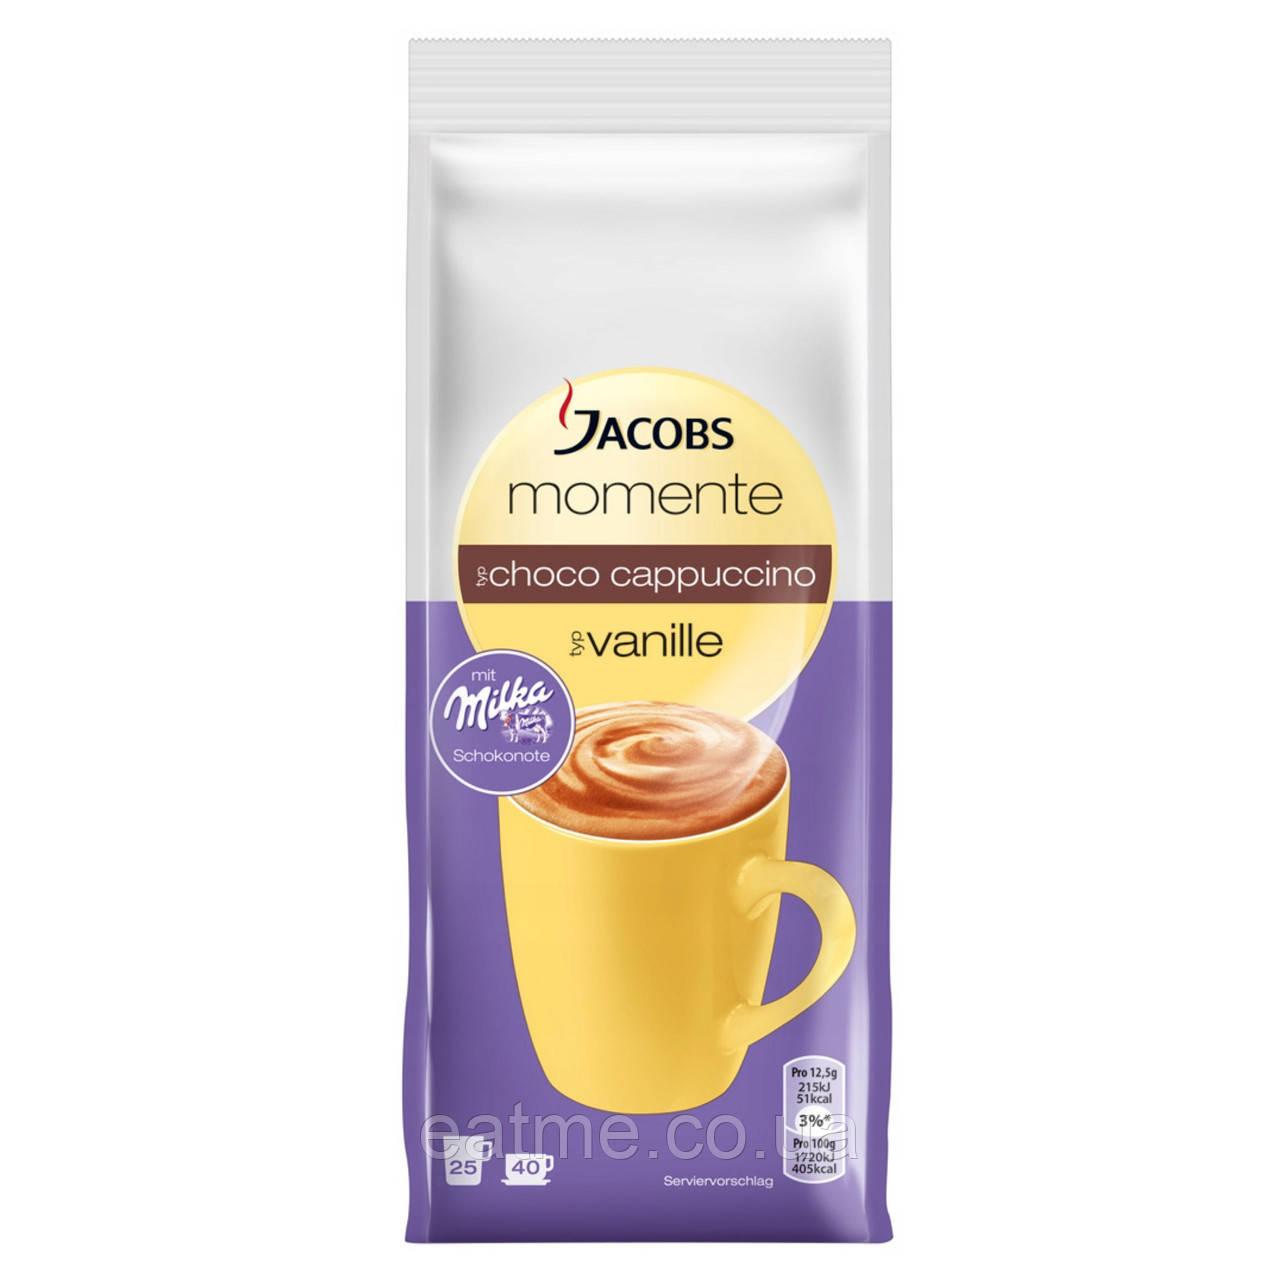 Jacobs momente mit Milka Капучино с шоколадом Милка с ванильным вкусом